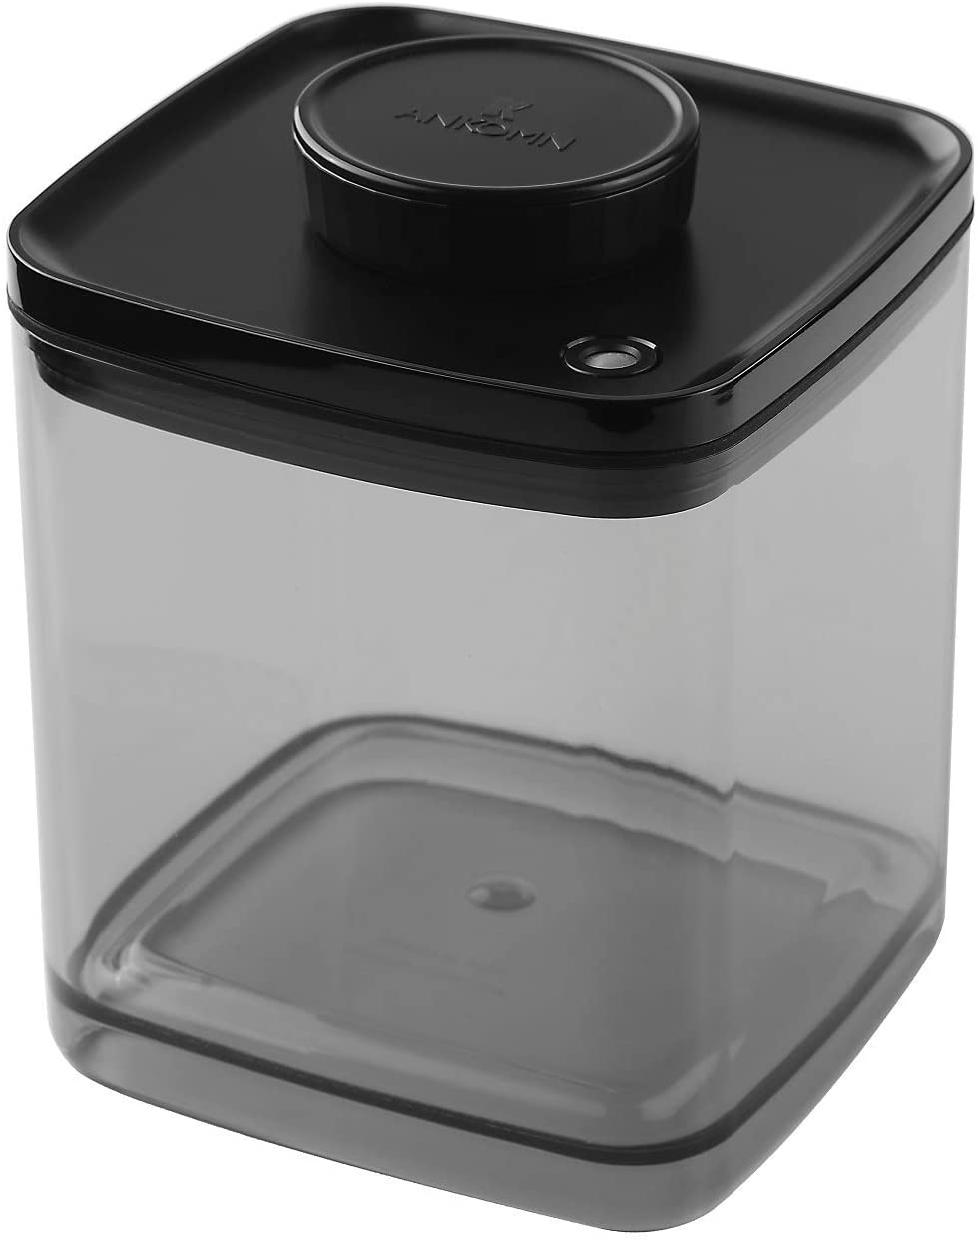 ANKOMN(アンコムン) 真空保存容器ターンシール 2.4L UVカットの商品画像